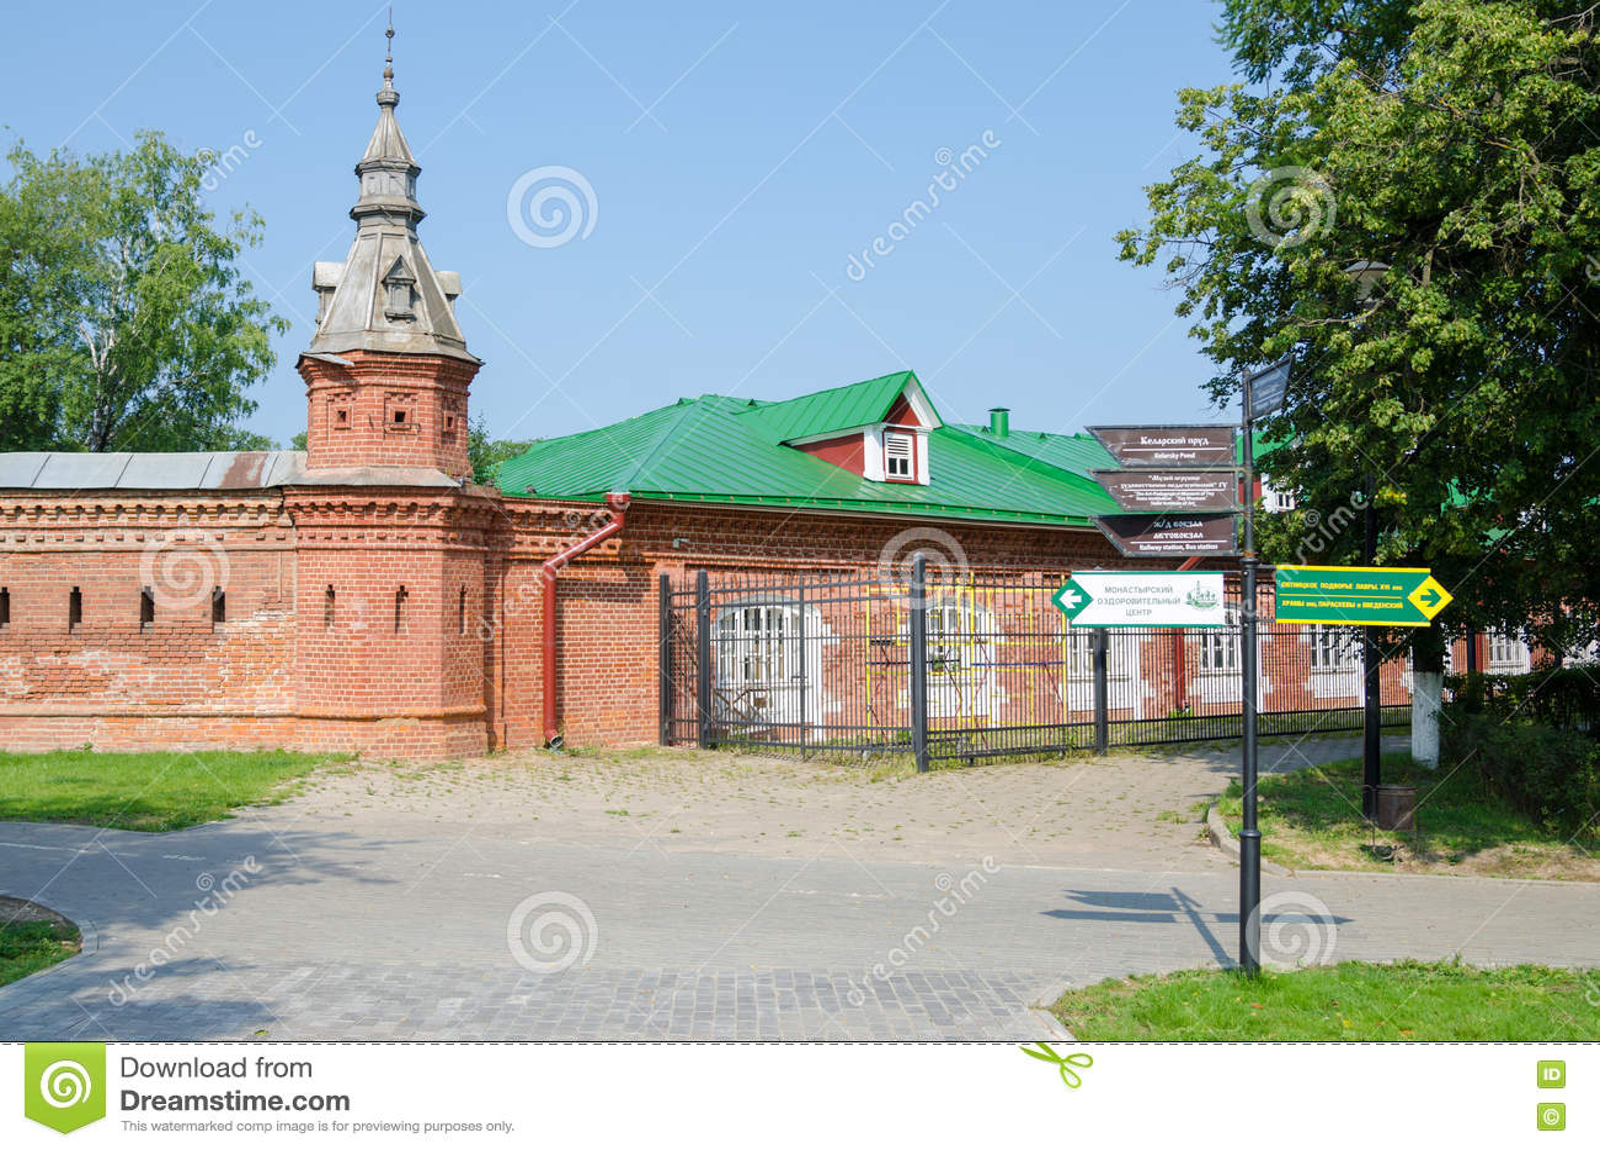 A interseção com o ponteiro na parede vermelha que estende de varejo compra ao redor Pafnutevskom